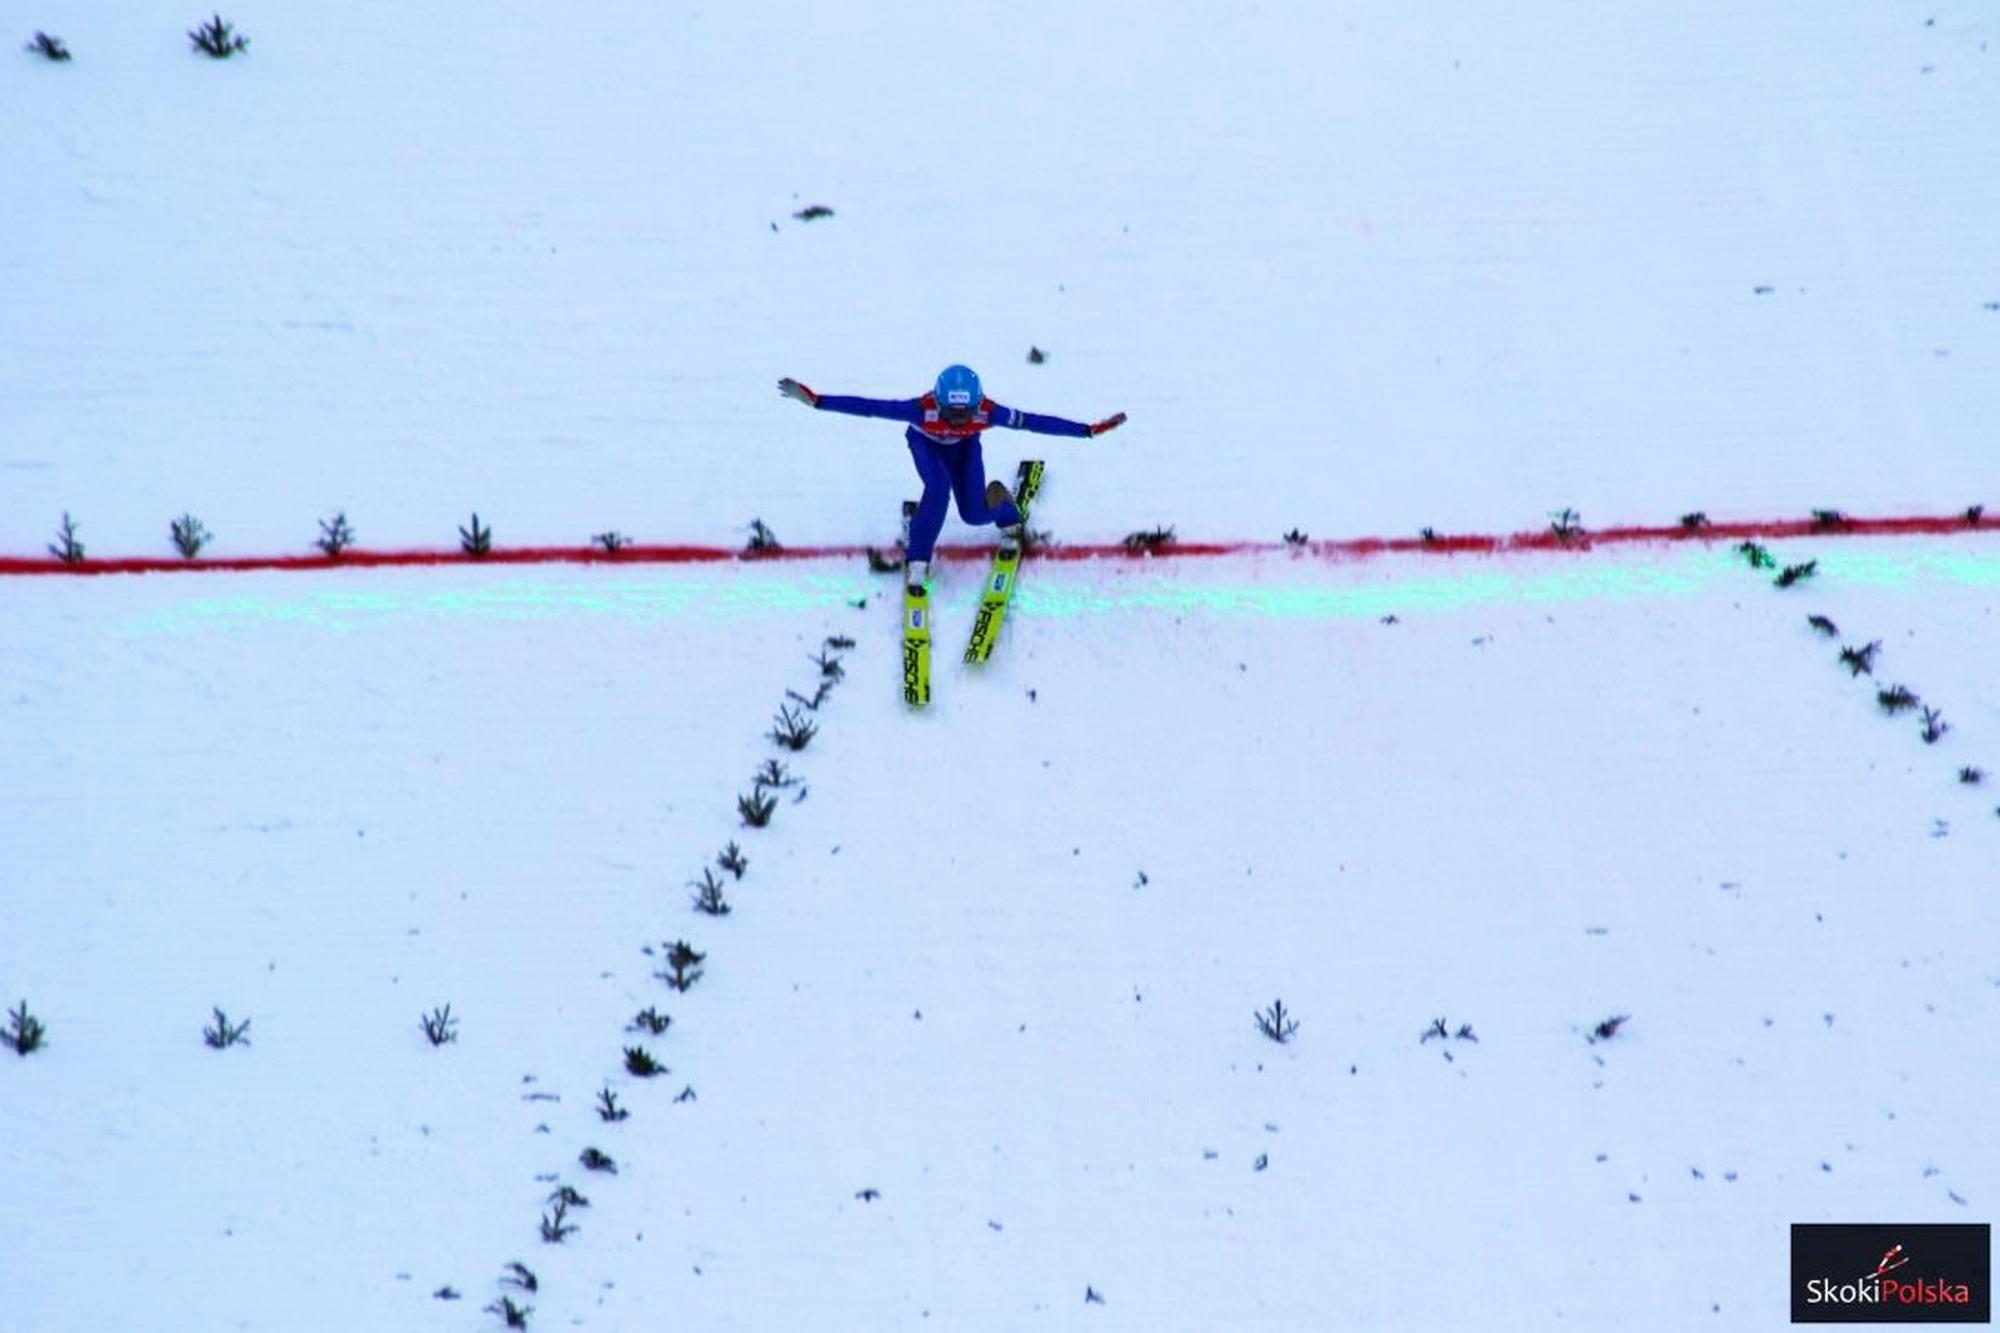 FIS Cup Pań Villach: Komar najlepsza w sobotnim konkursie